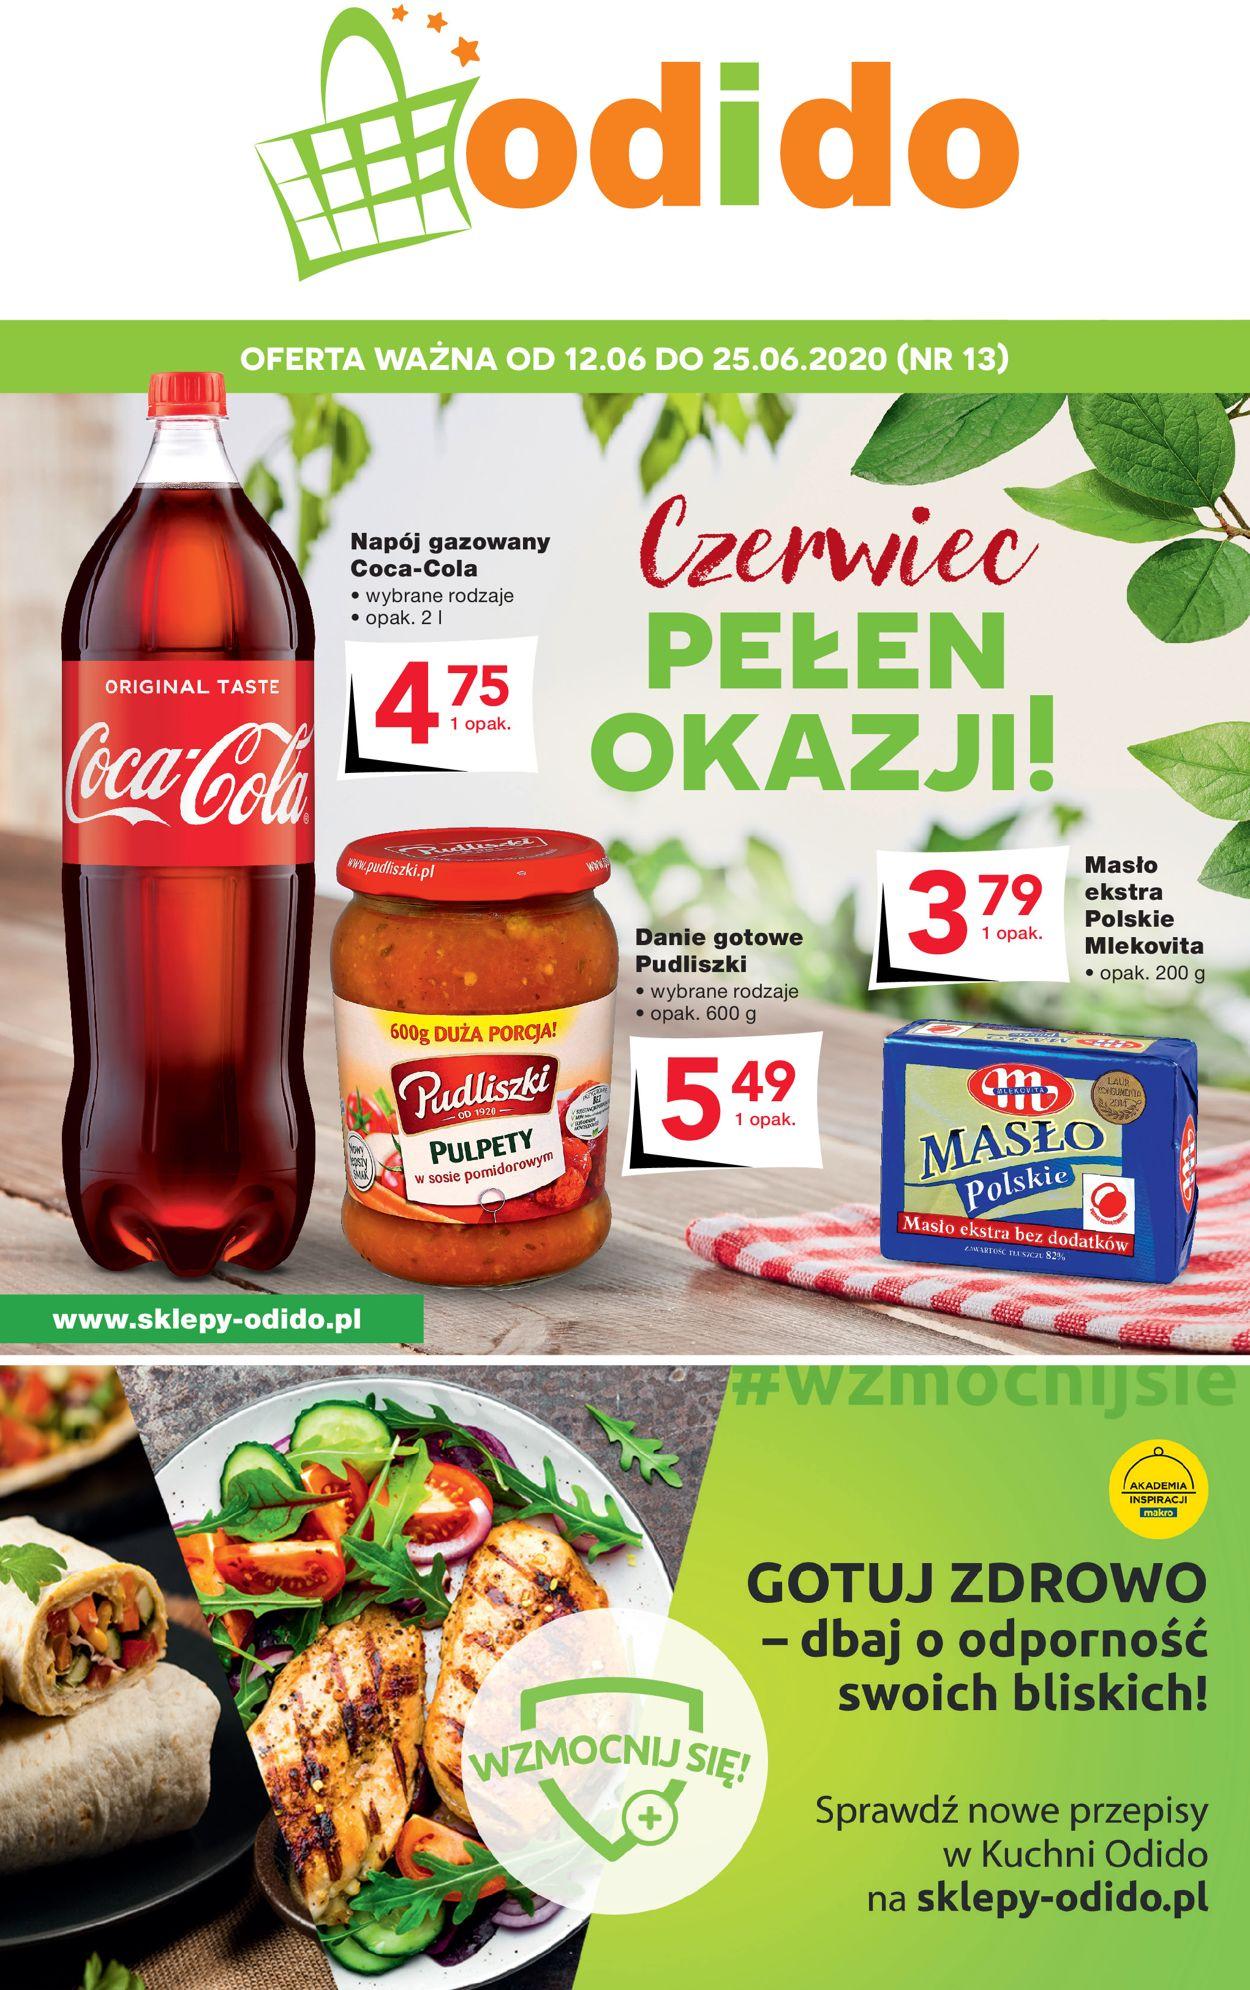 Gazetka promocyjna Odido - 12.06-25.06.2020